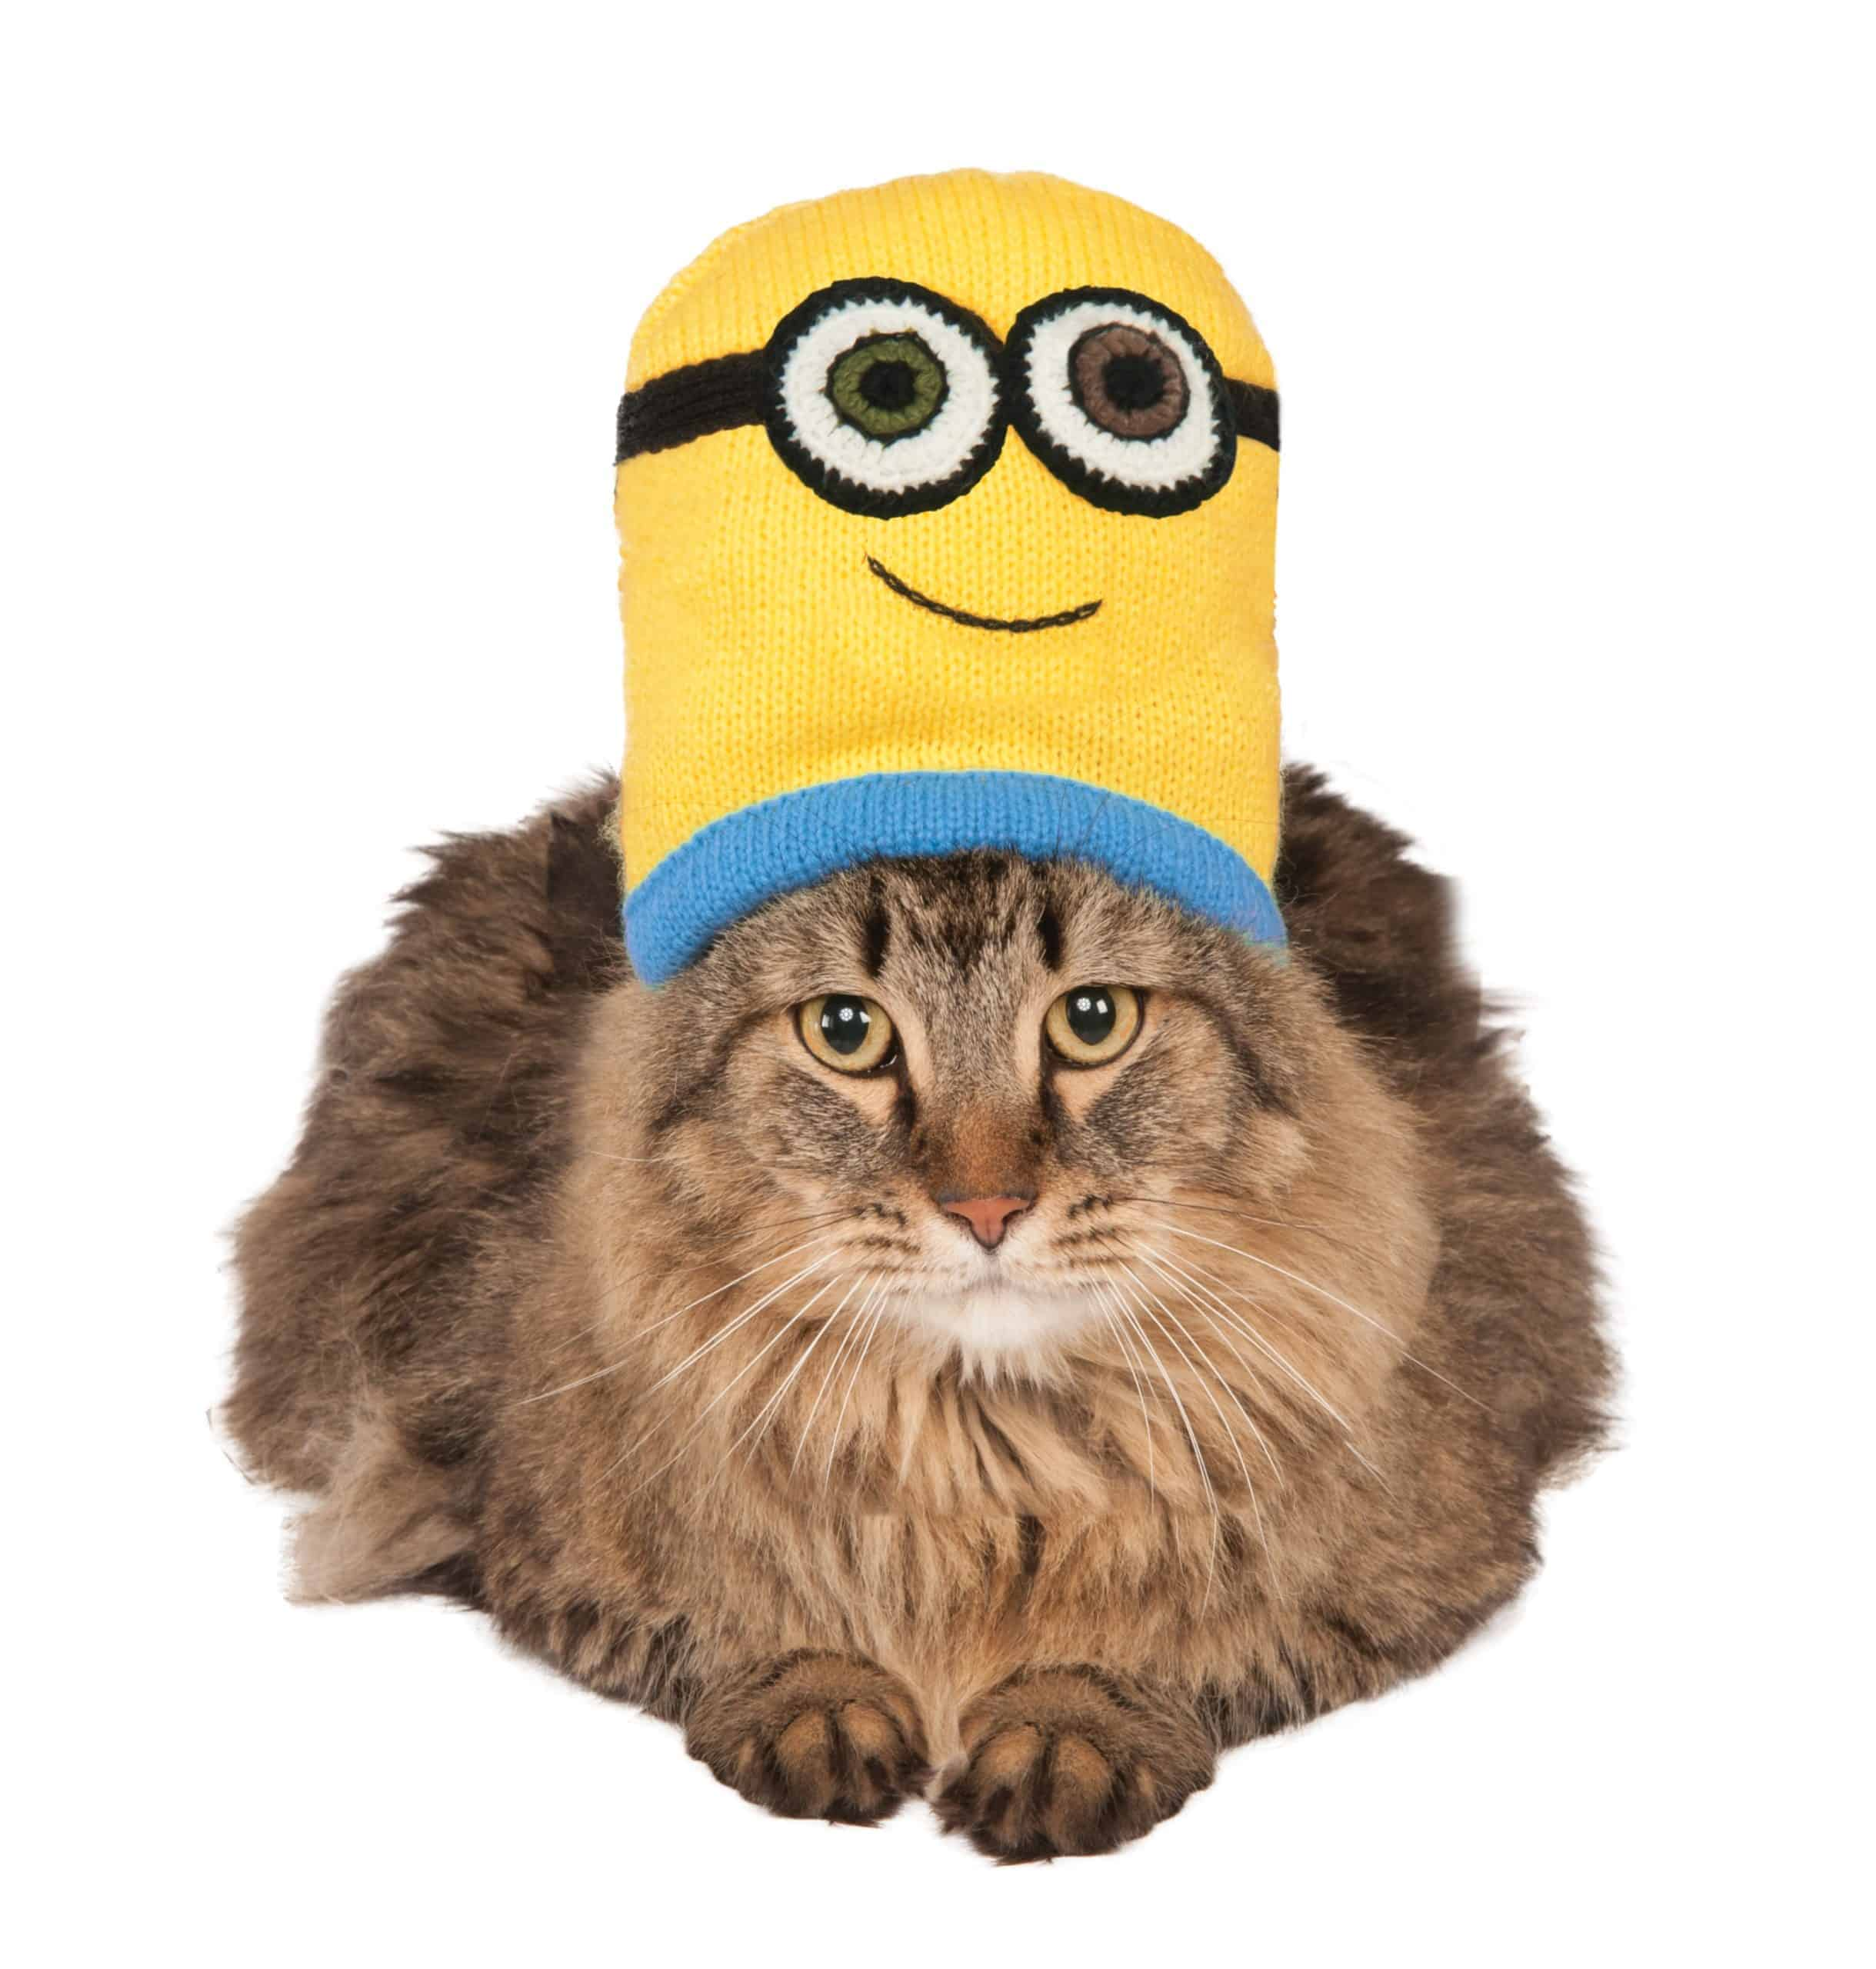 Minion Bob Knit Hat Cat Costume